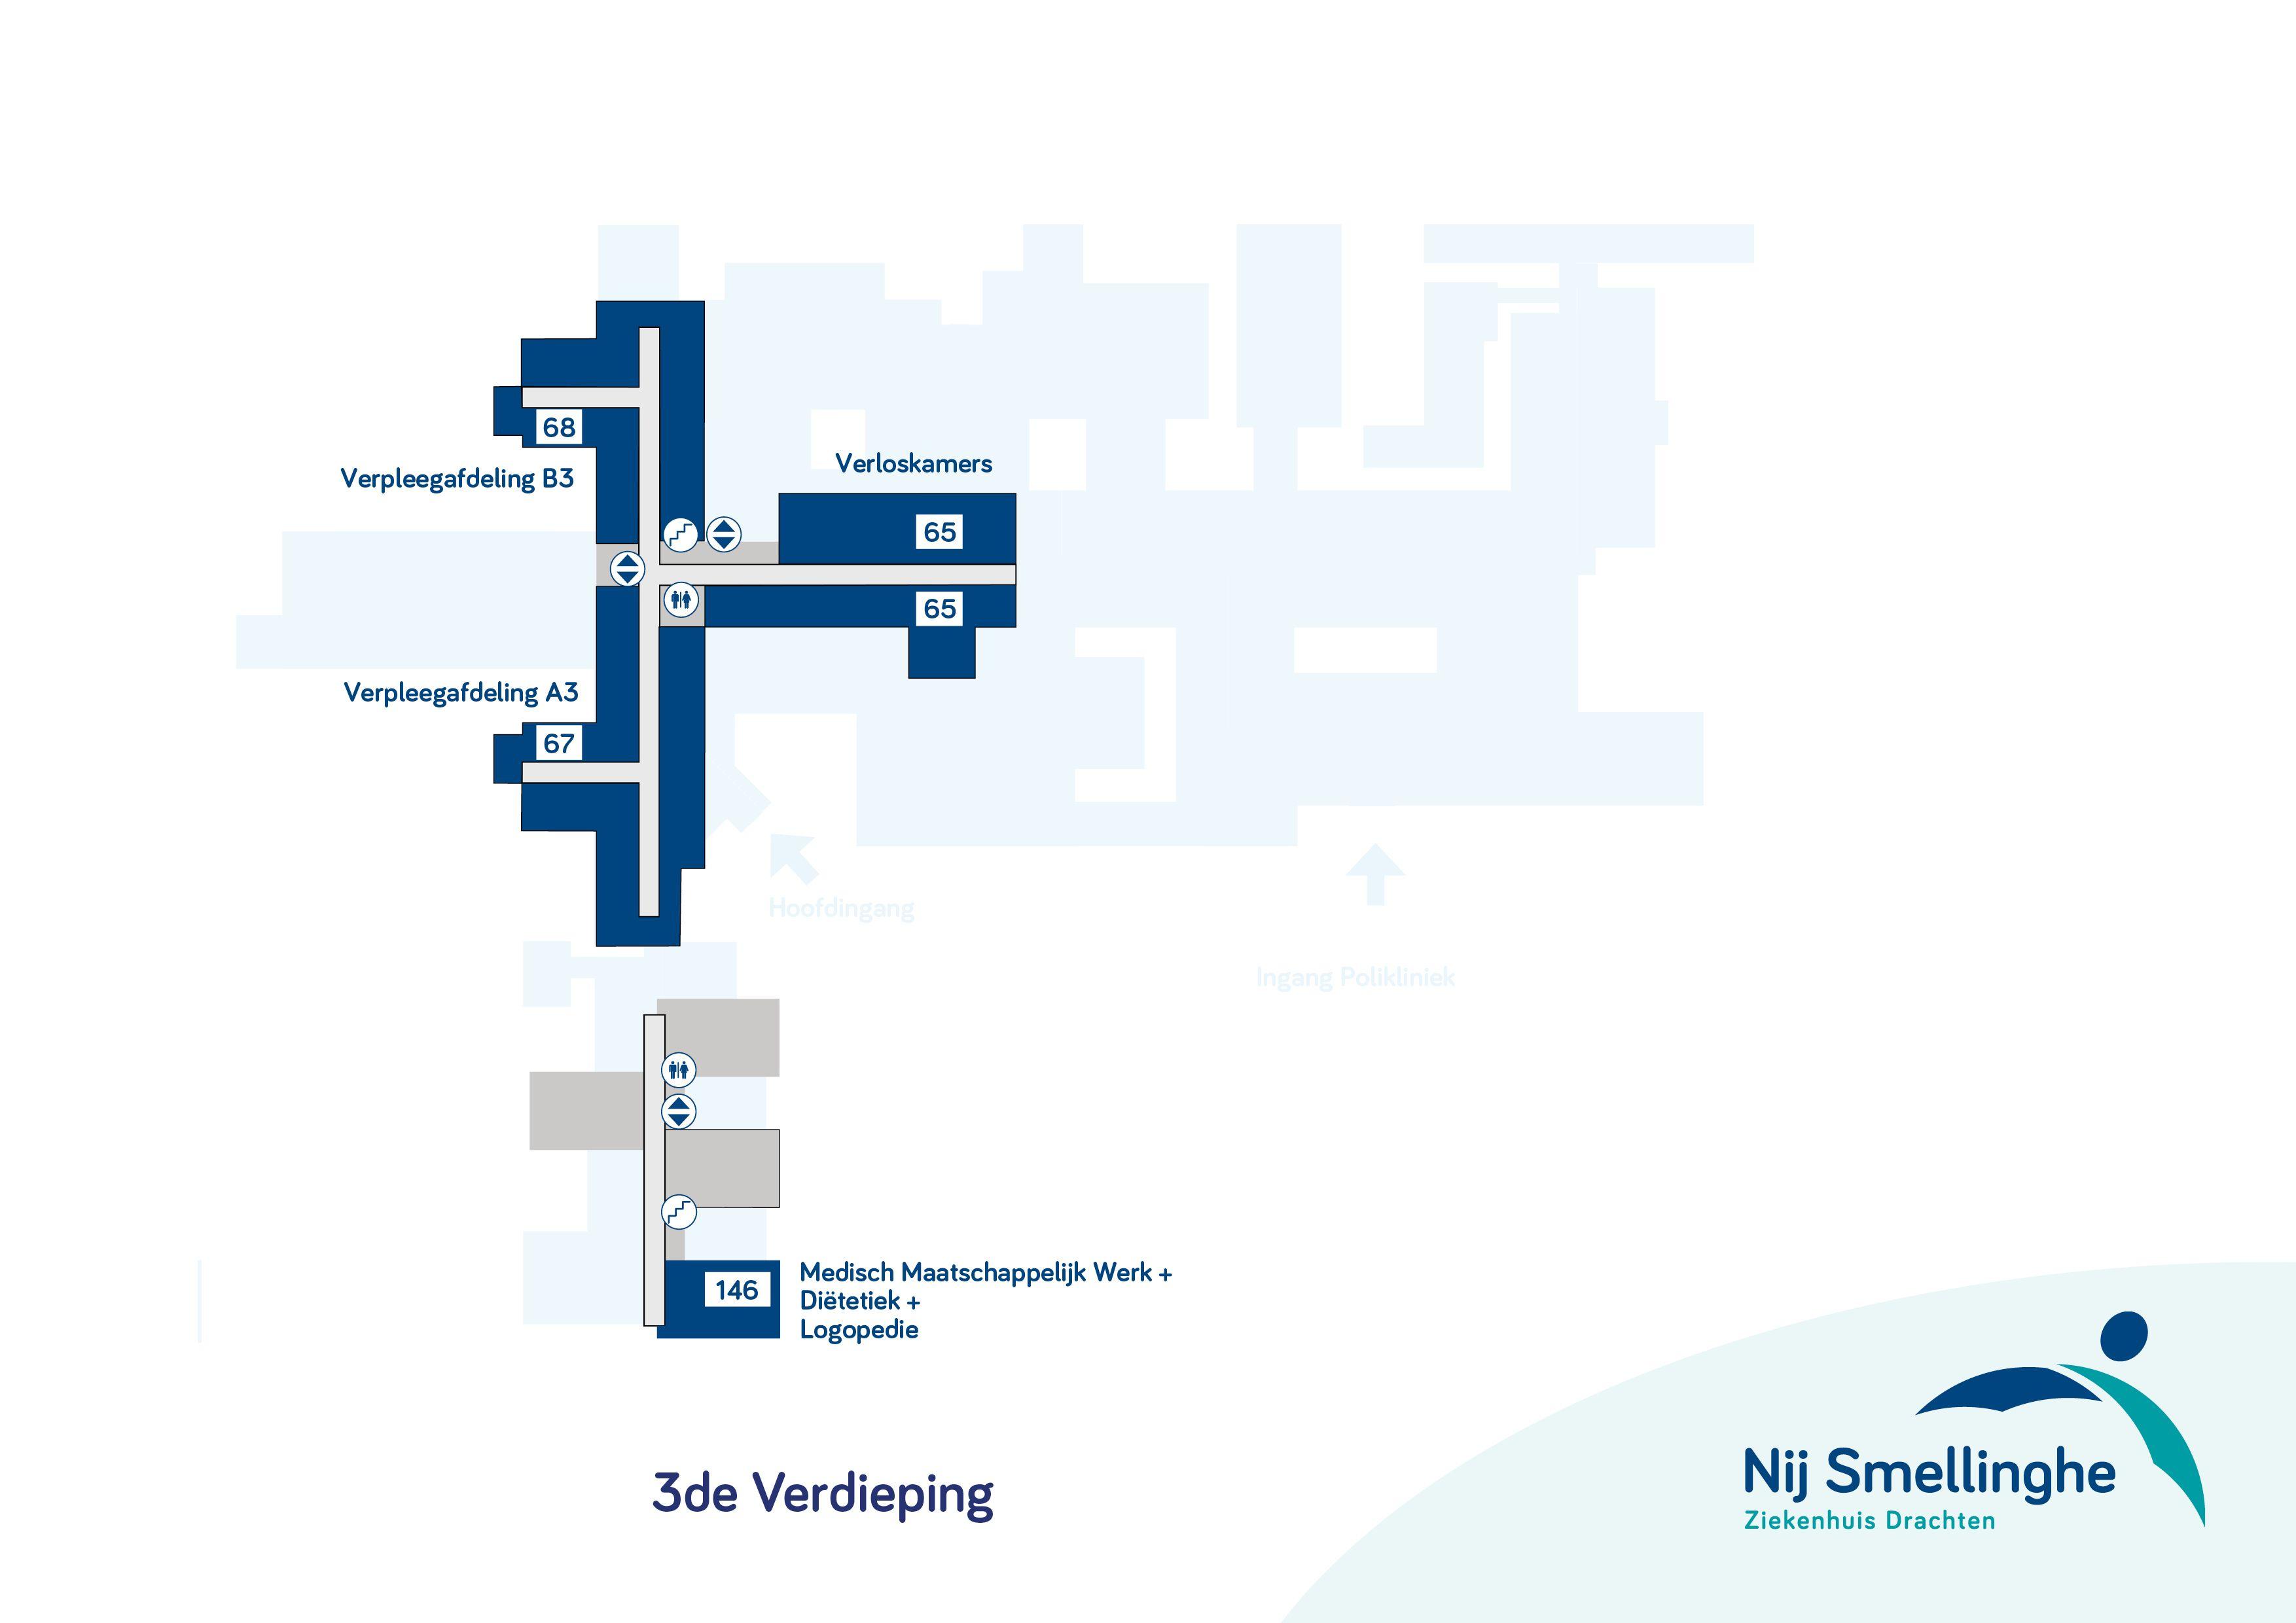 Medisch Maatschappelijk Werk Ziekenhuis Nij Smellinghe